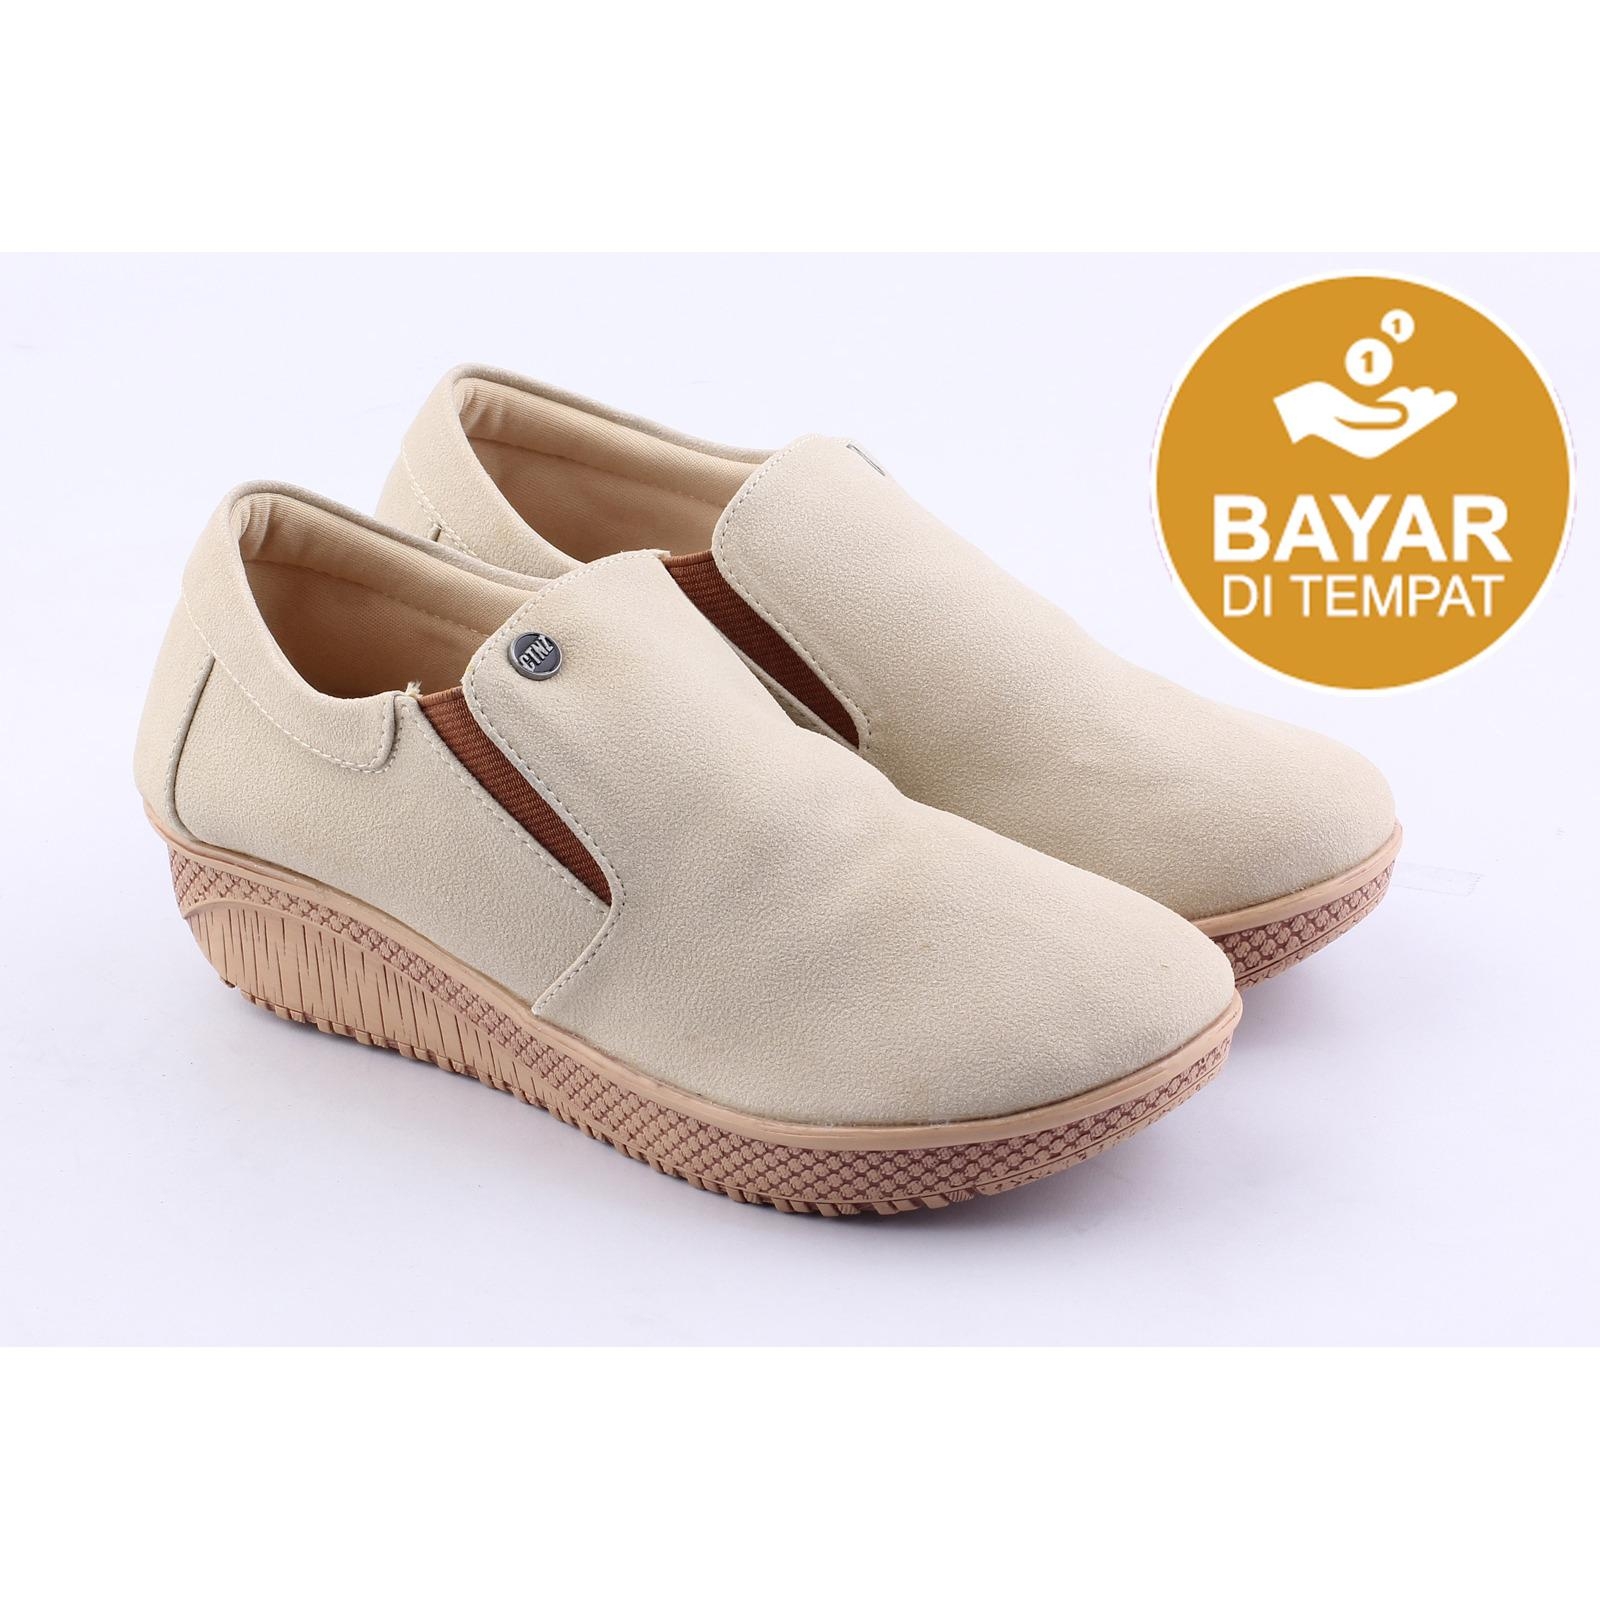 Catenzo Sepatu Casual Boots Women - AH 061 033c9a11ac